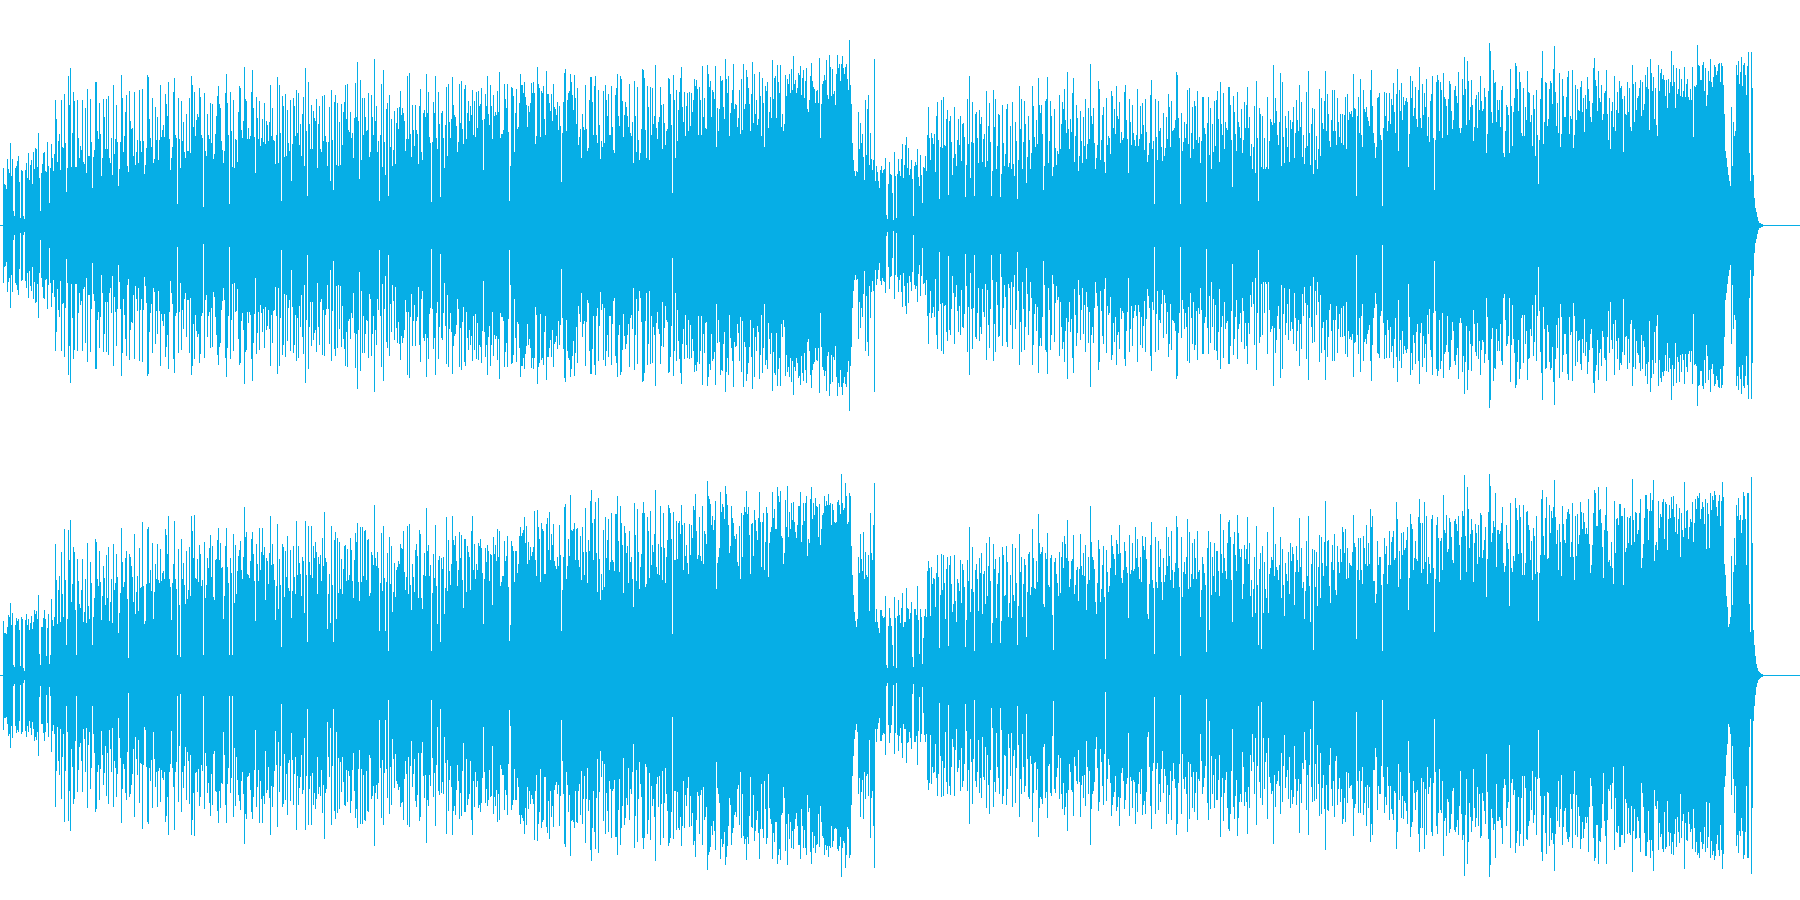 縦横無尽に行き交う軽妙なファンク/ポップの再生済みの波形